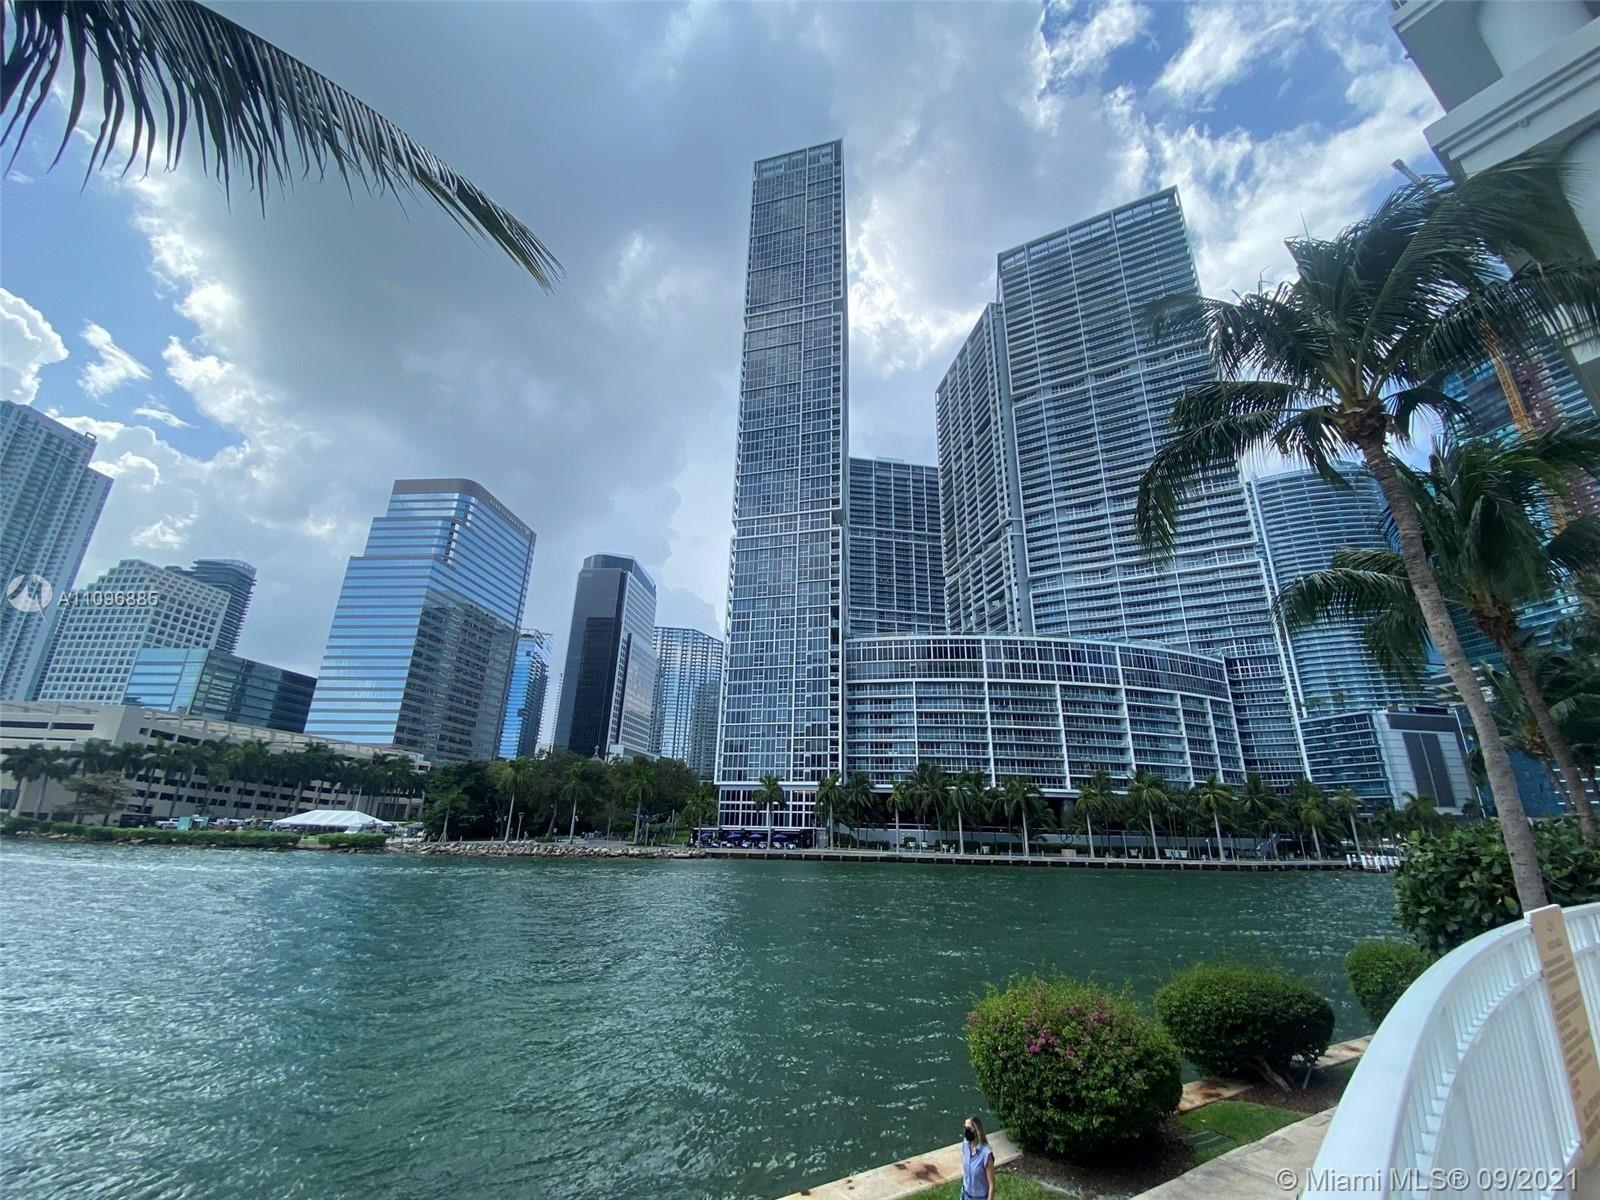 801 Brickell Key Blvd #1009, Miami, FL 33131 - MLS#: A11096885